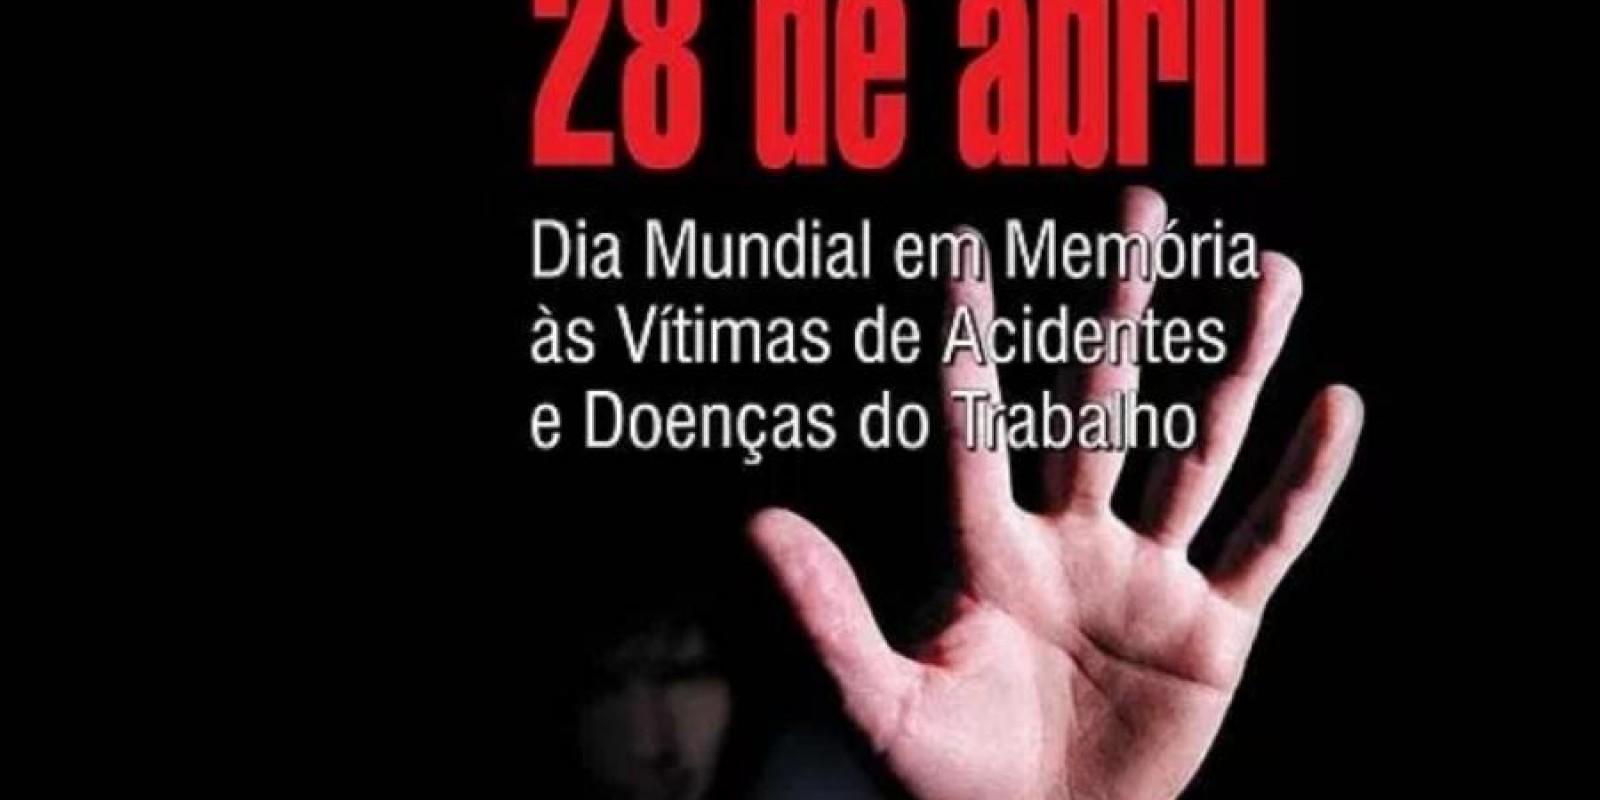 28 de abril: Dia Mundial em Memória às Vítimas de Acidentes e Doenças do Trabalho